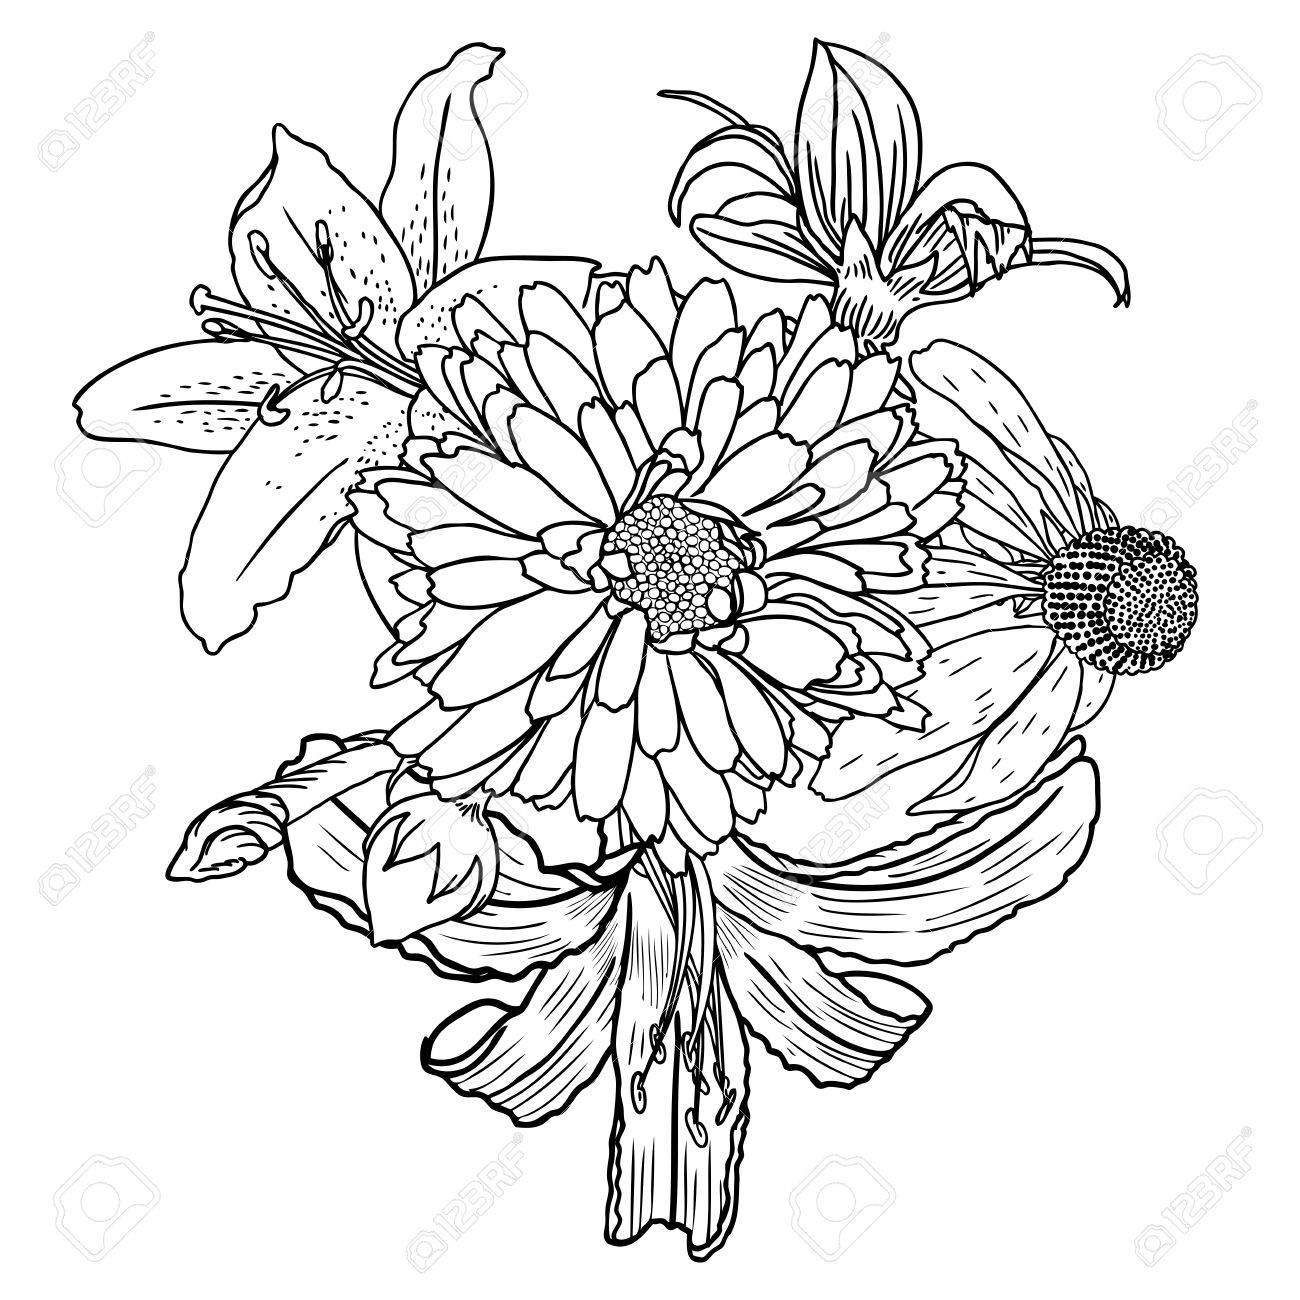 Fleurs Bouquet De Differentes Fleurs Dessinees A La Main Vintage Noir Blanc Et Isole Peut Etre Utilise Comme Invitation Carte De Voeux Imprimer Le Vecteur Clip Art Libres De Droits Vecteurs